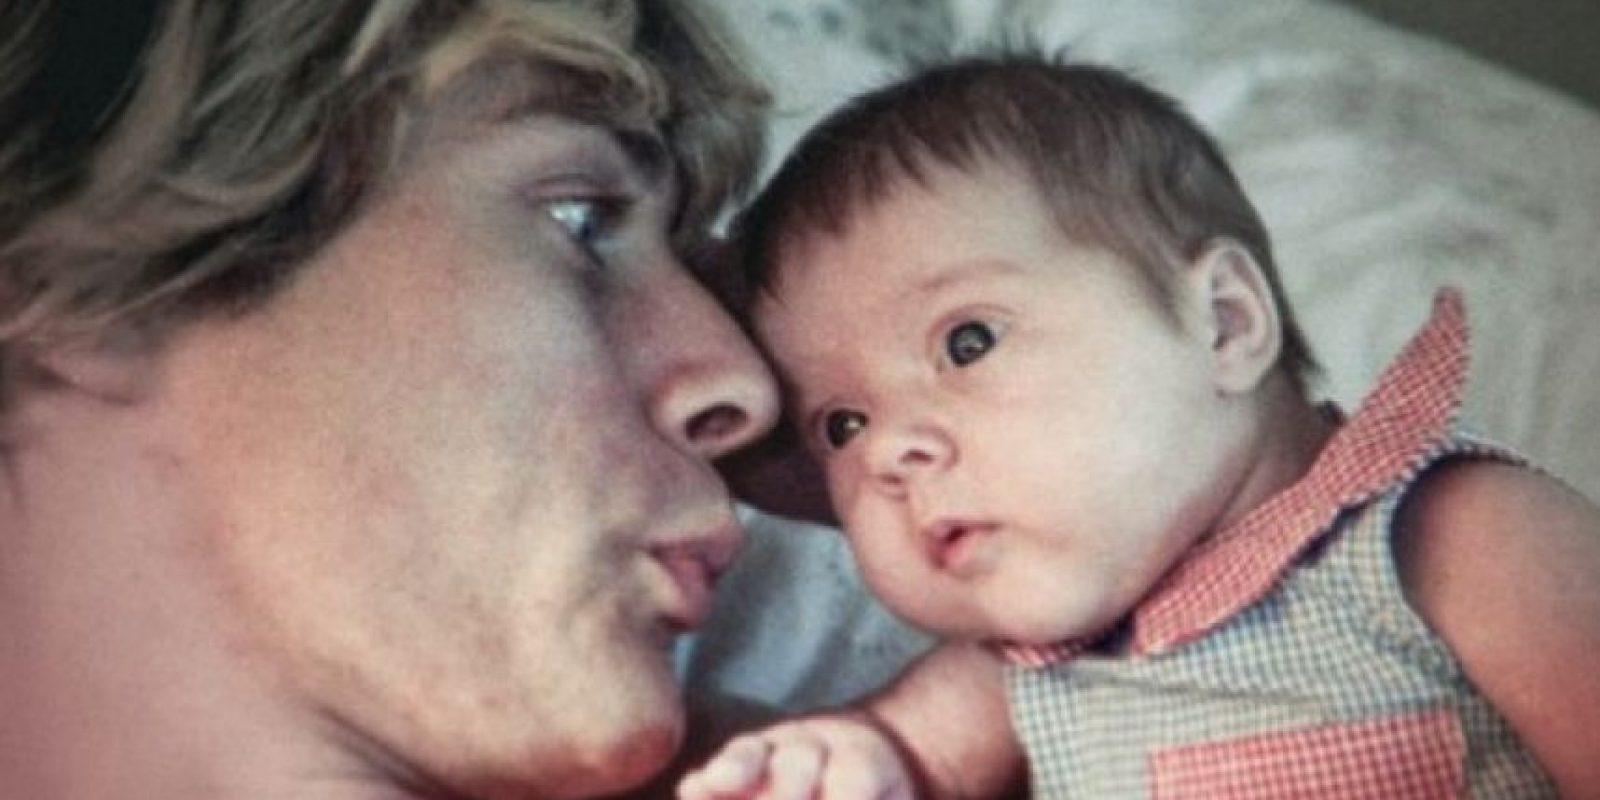 Por extraño que pudiera parecer, tenía cierta fascinación por la anatomía humana y los fetos Foto:IMDB